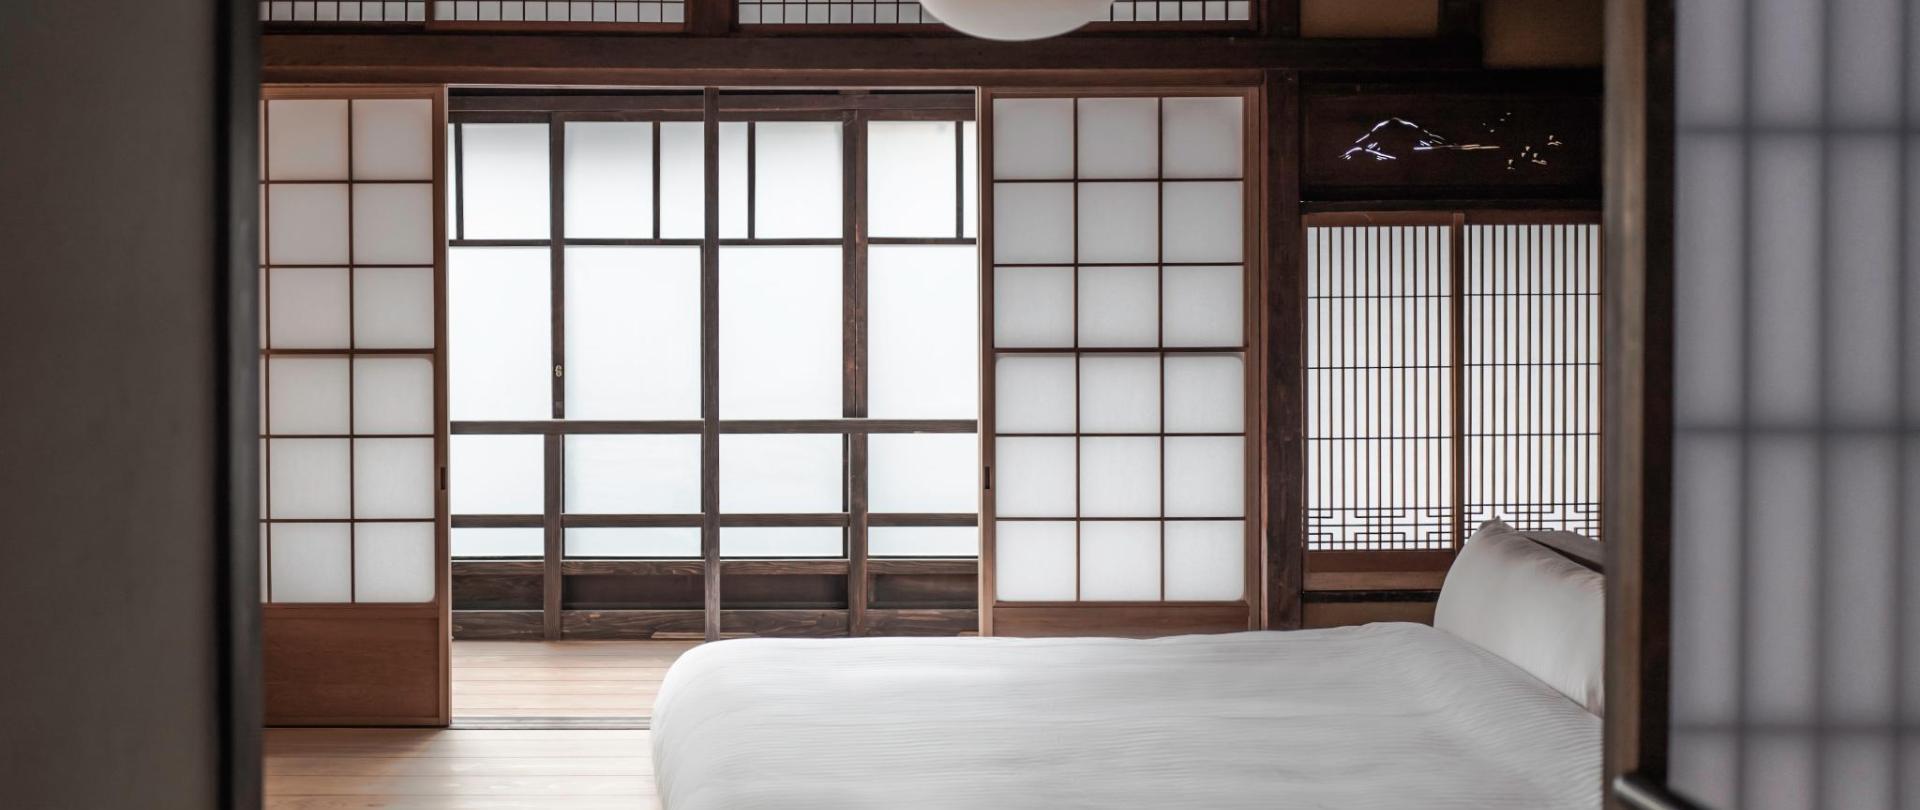 Maana Kyoto